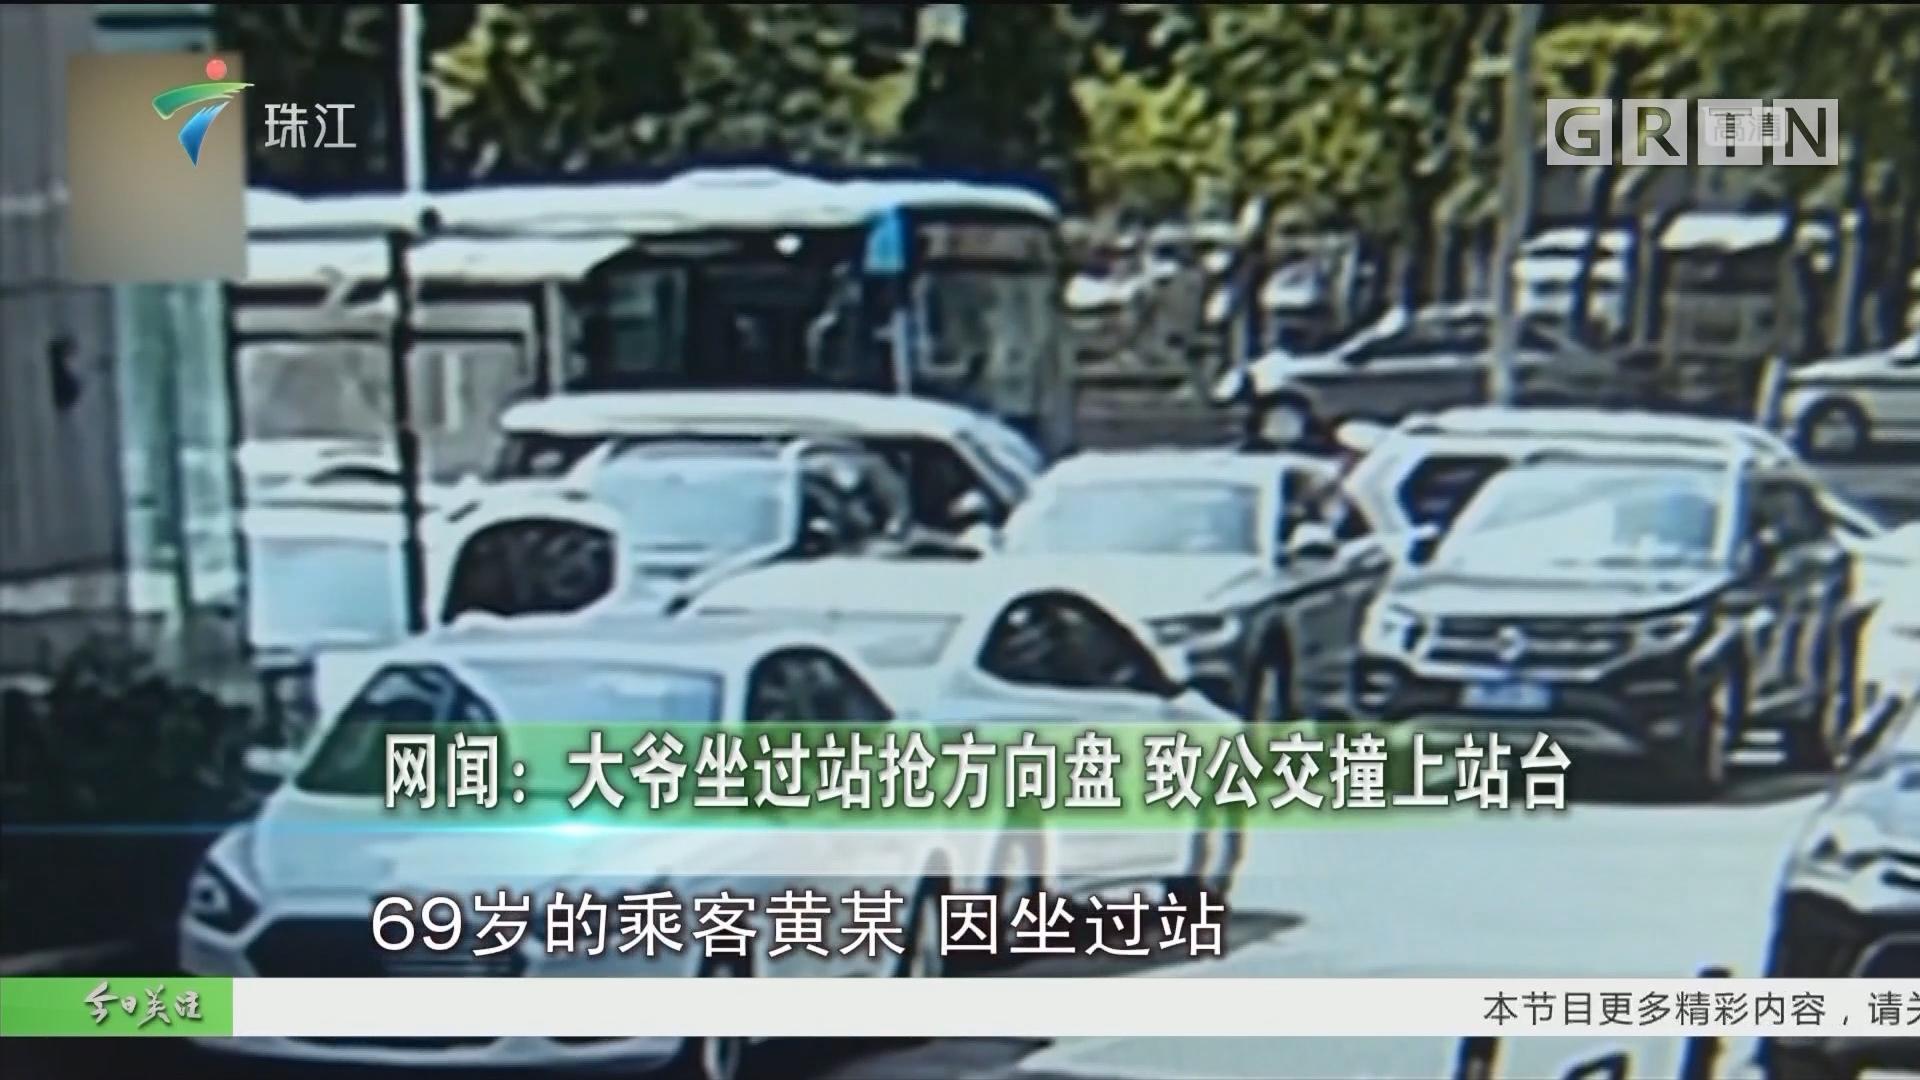 网闻:大爷坐过站抢方向盘 致公交撞上站台